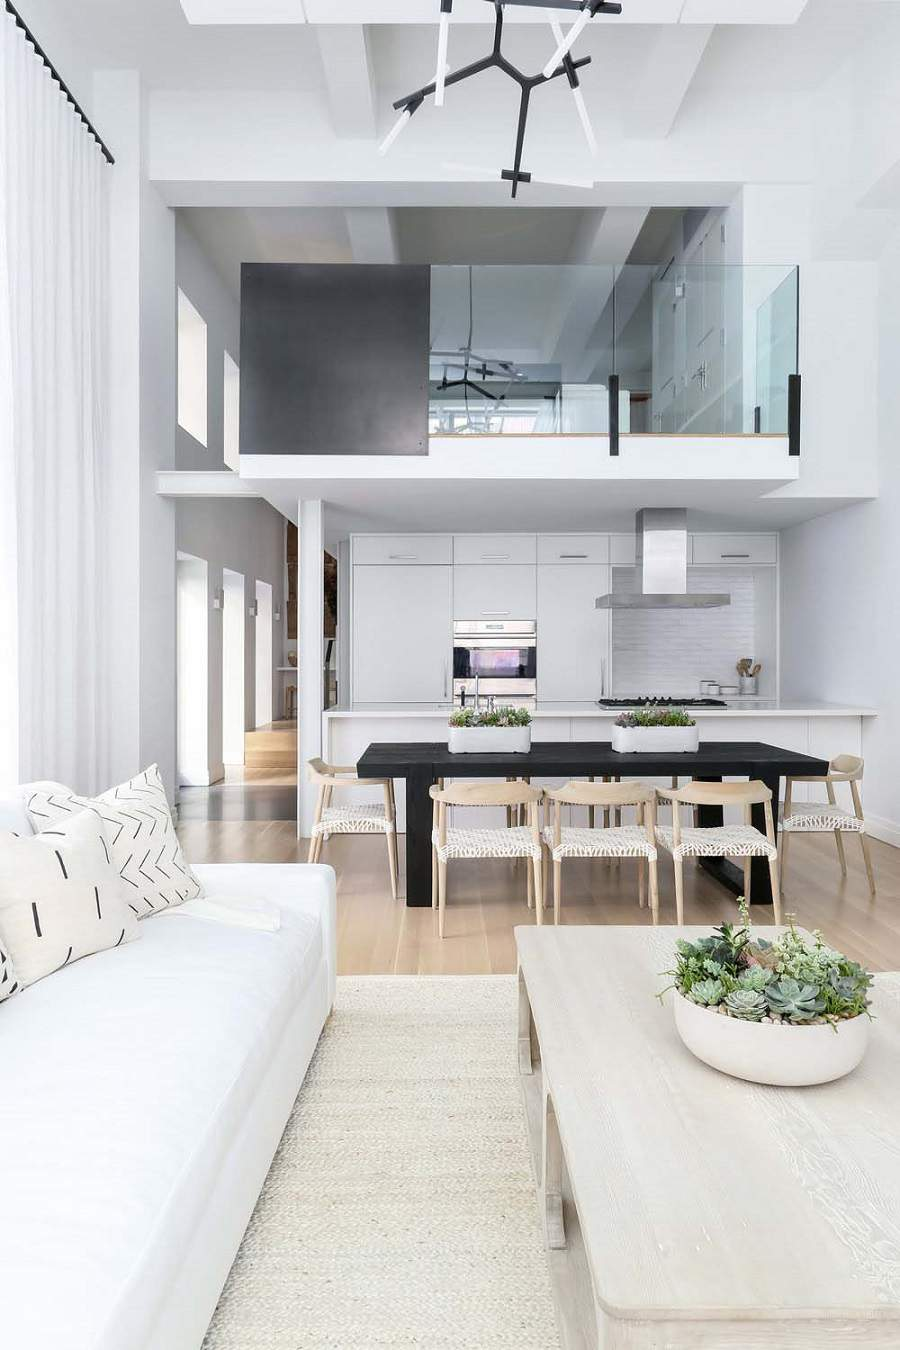 kiến trúc nhà rộng 7m không gian phòng bếp